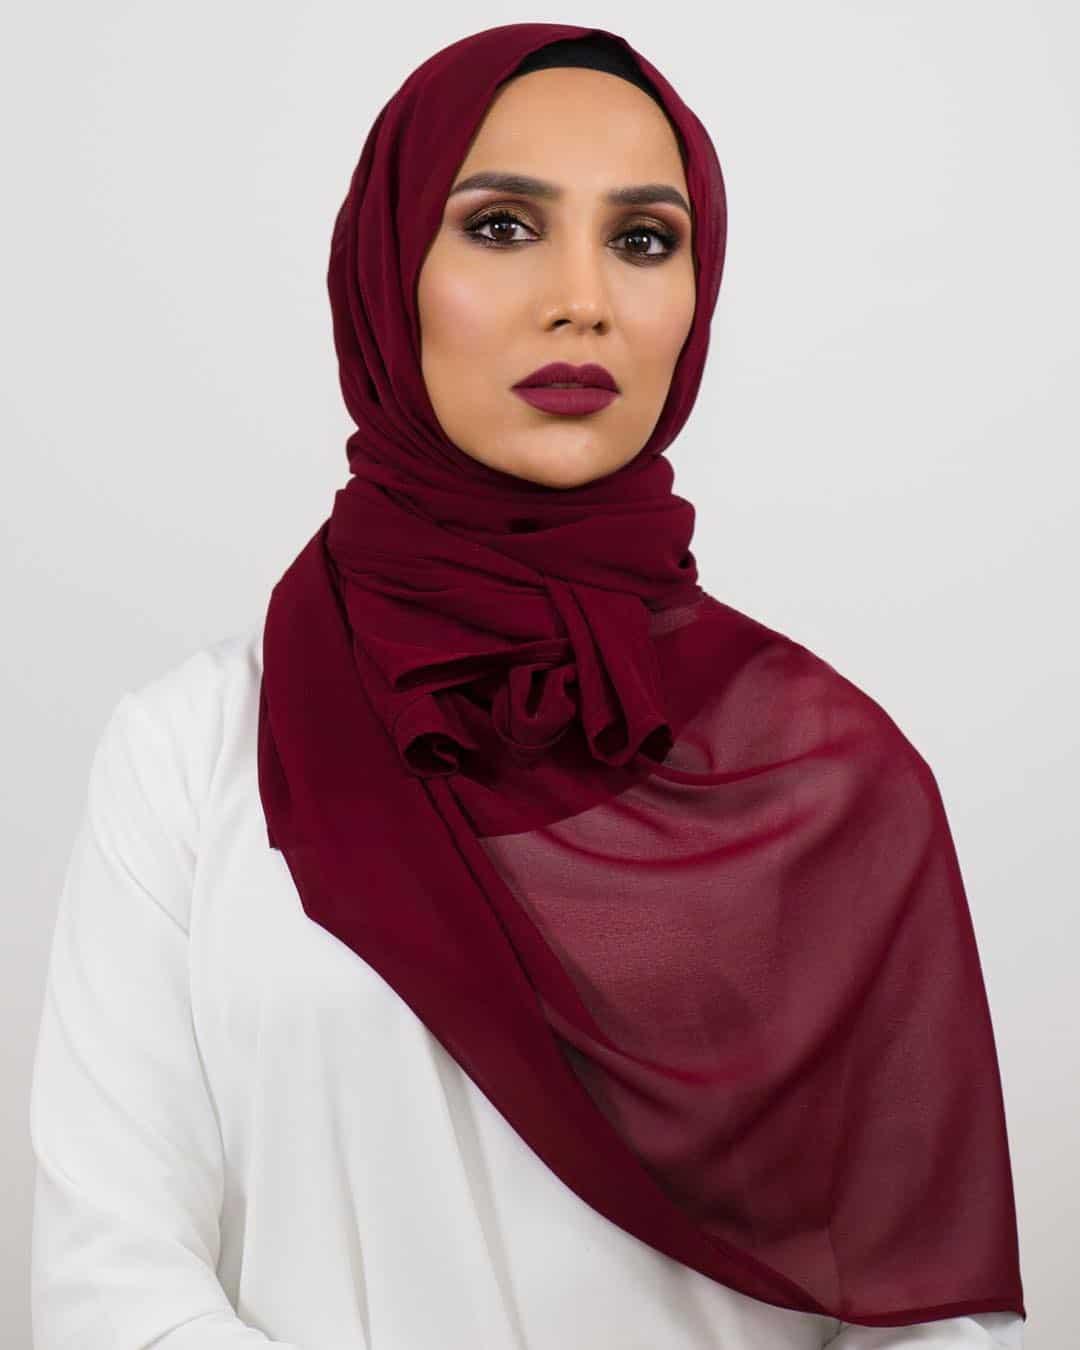 красивые имена мусульманских женщин